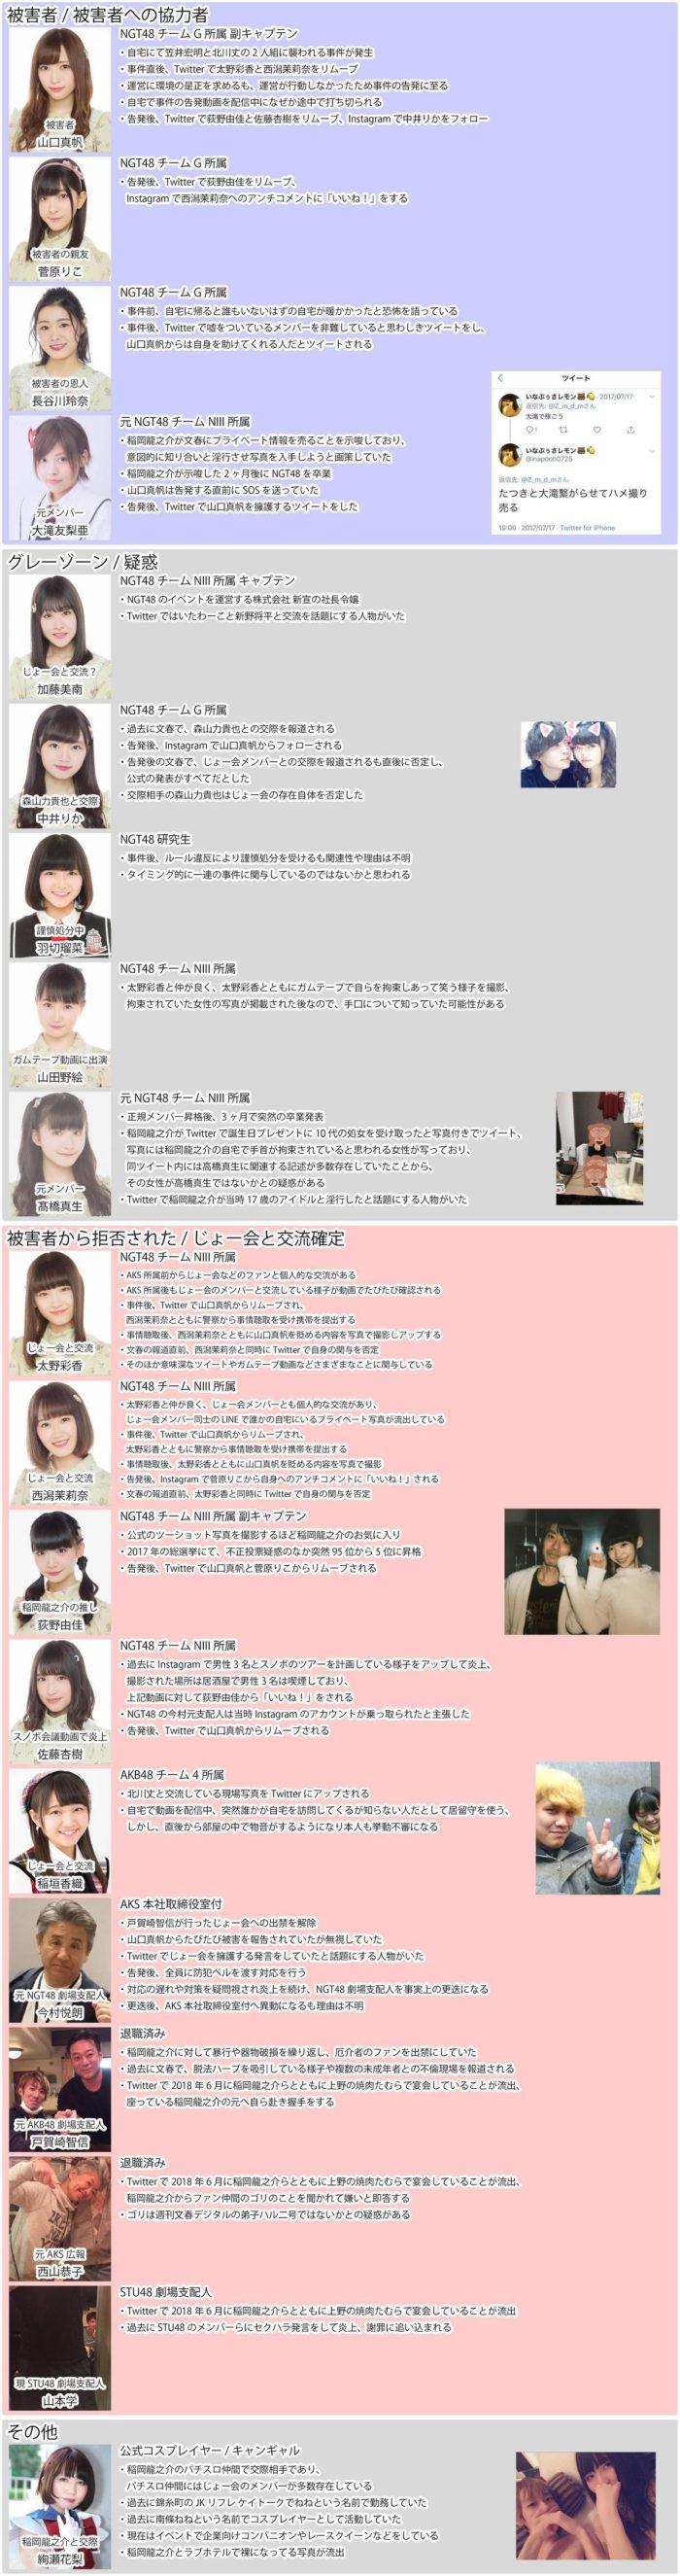 事件に関するNGT48メンバーの動き(2012年1月21日更新Ver.)